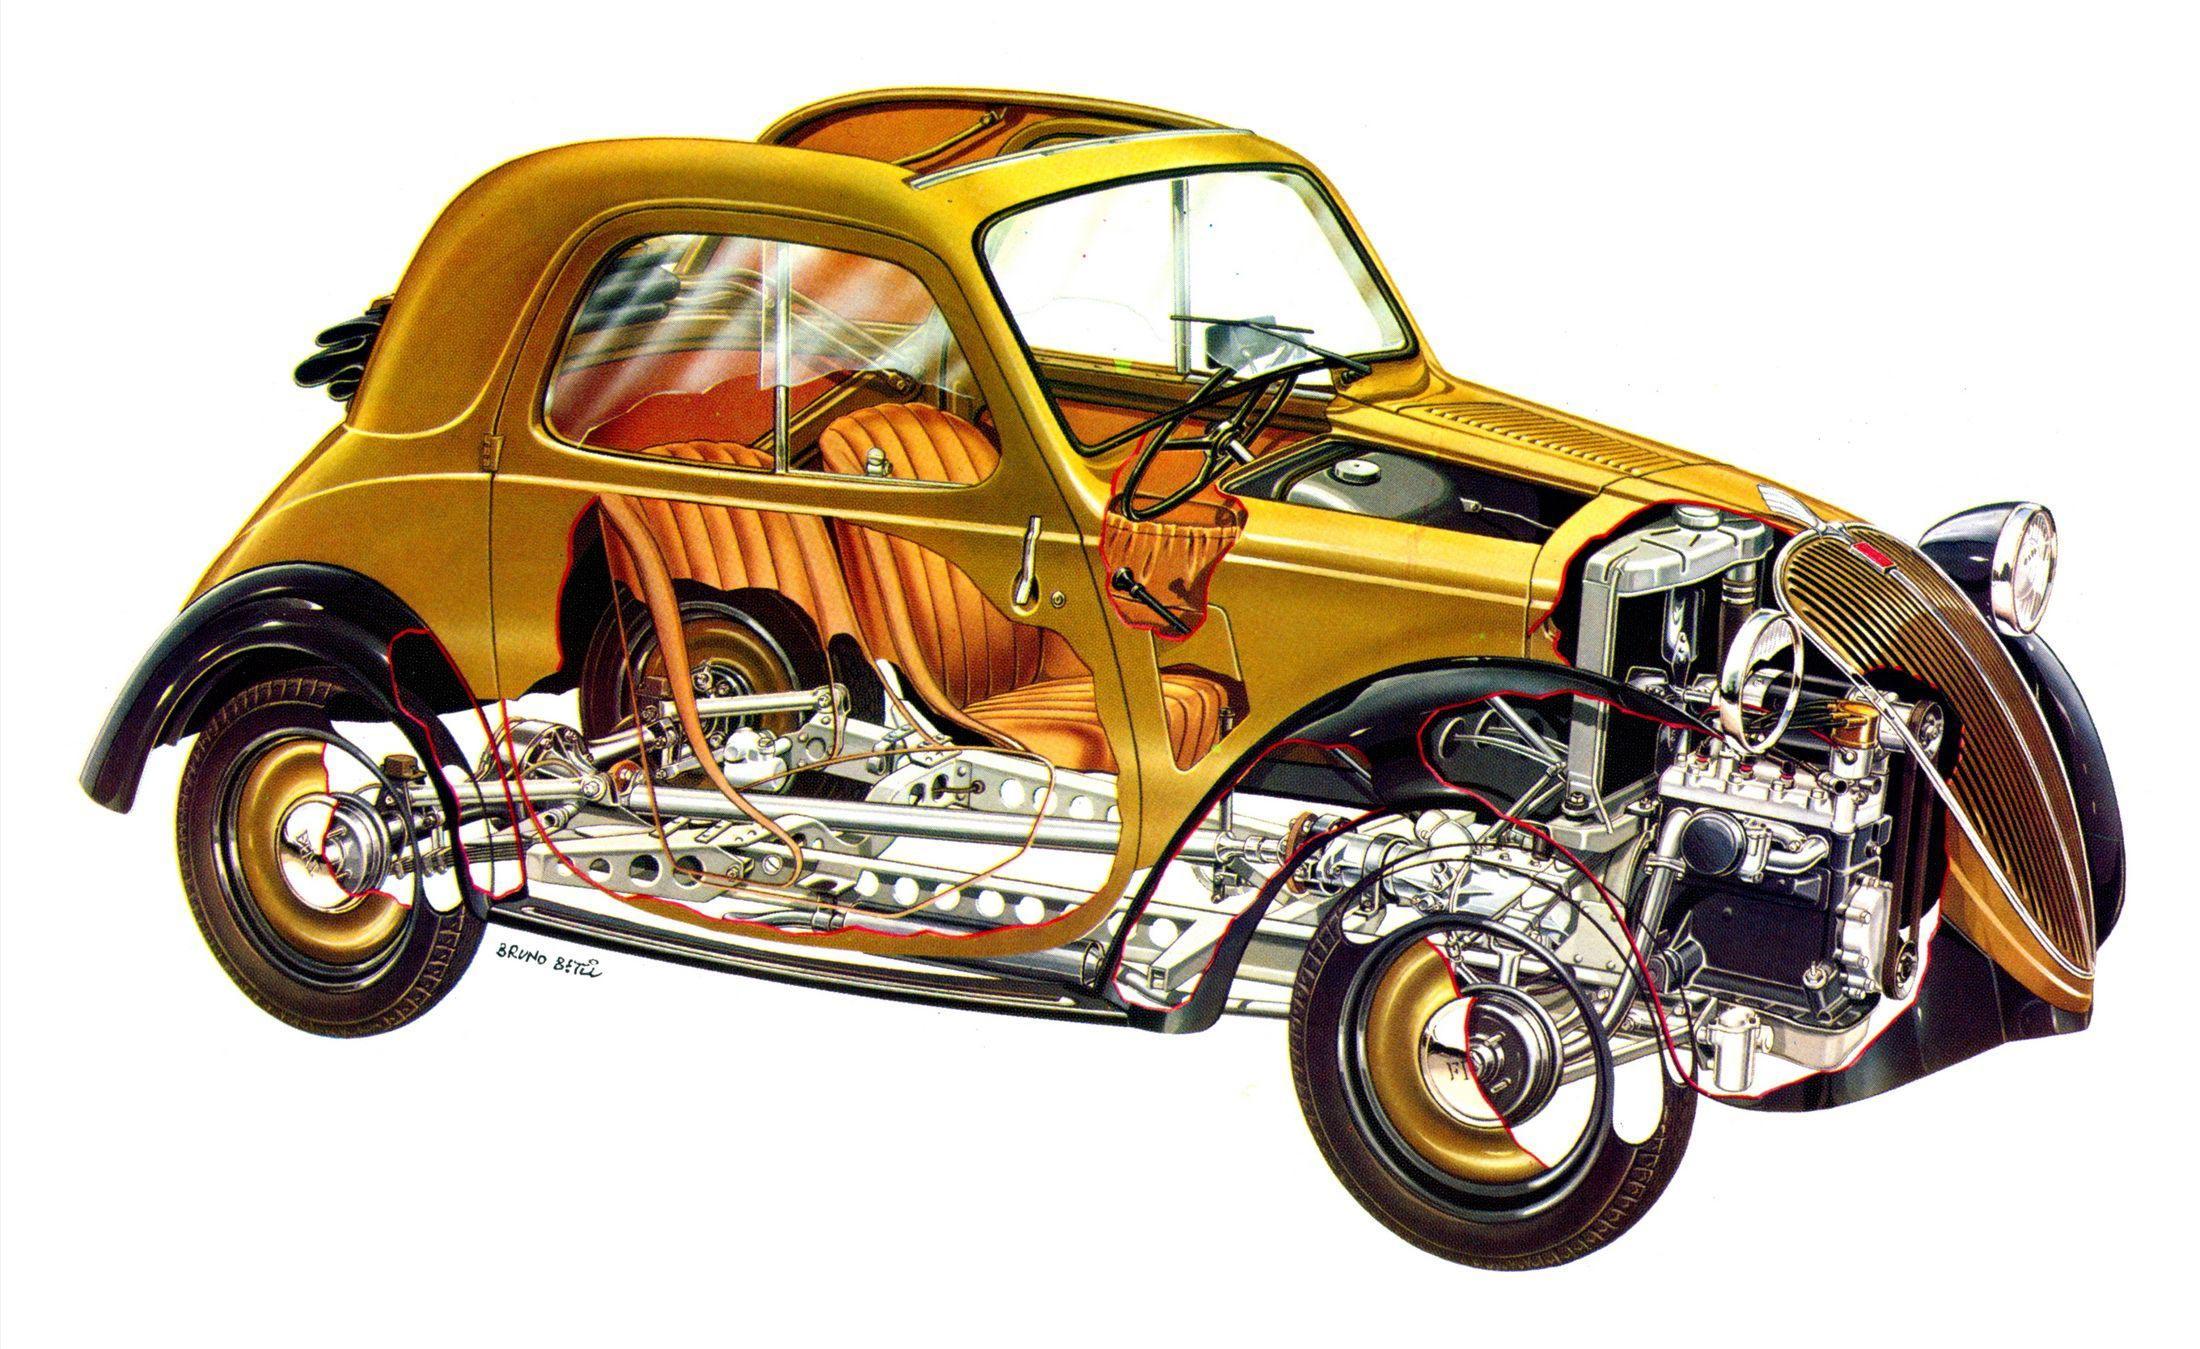 Fiat 500 Topolino cutaway